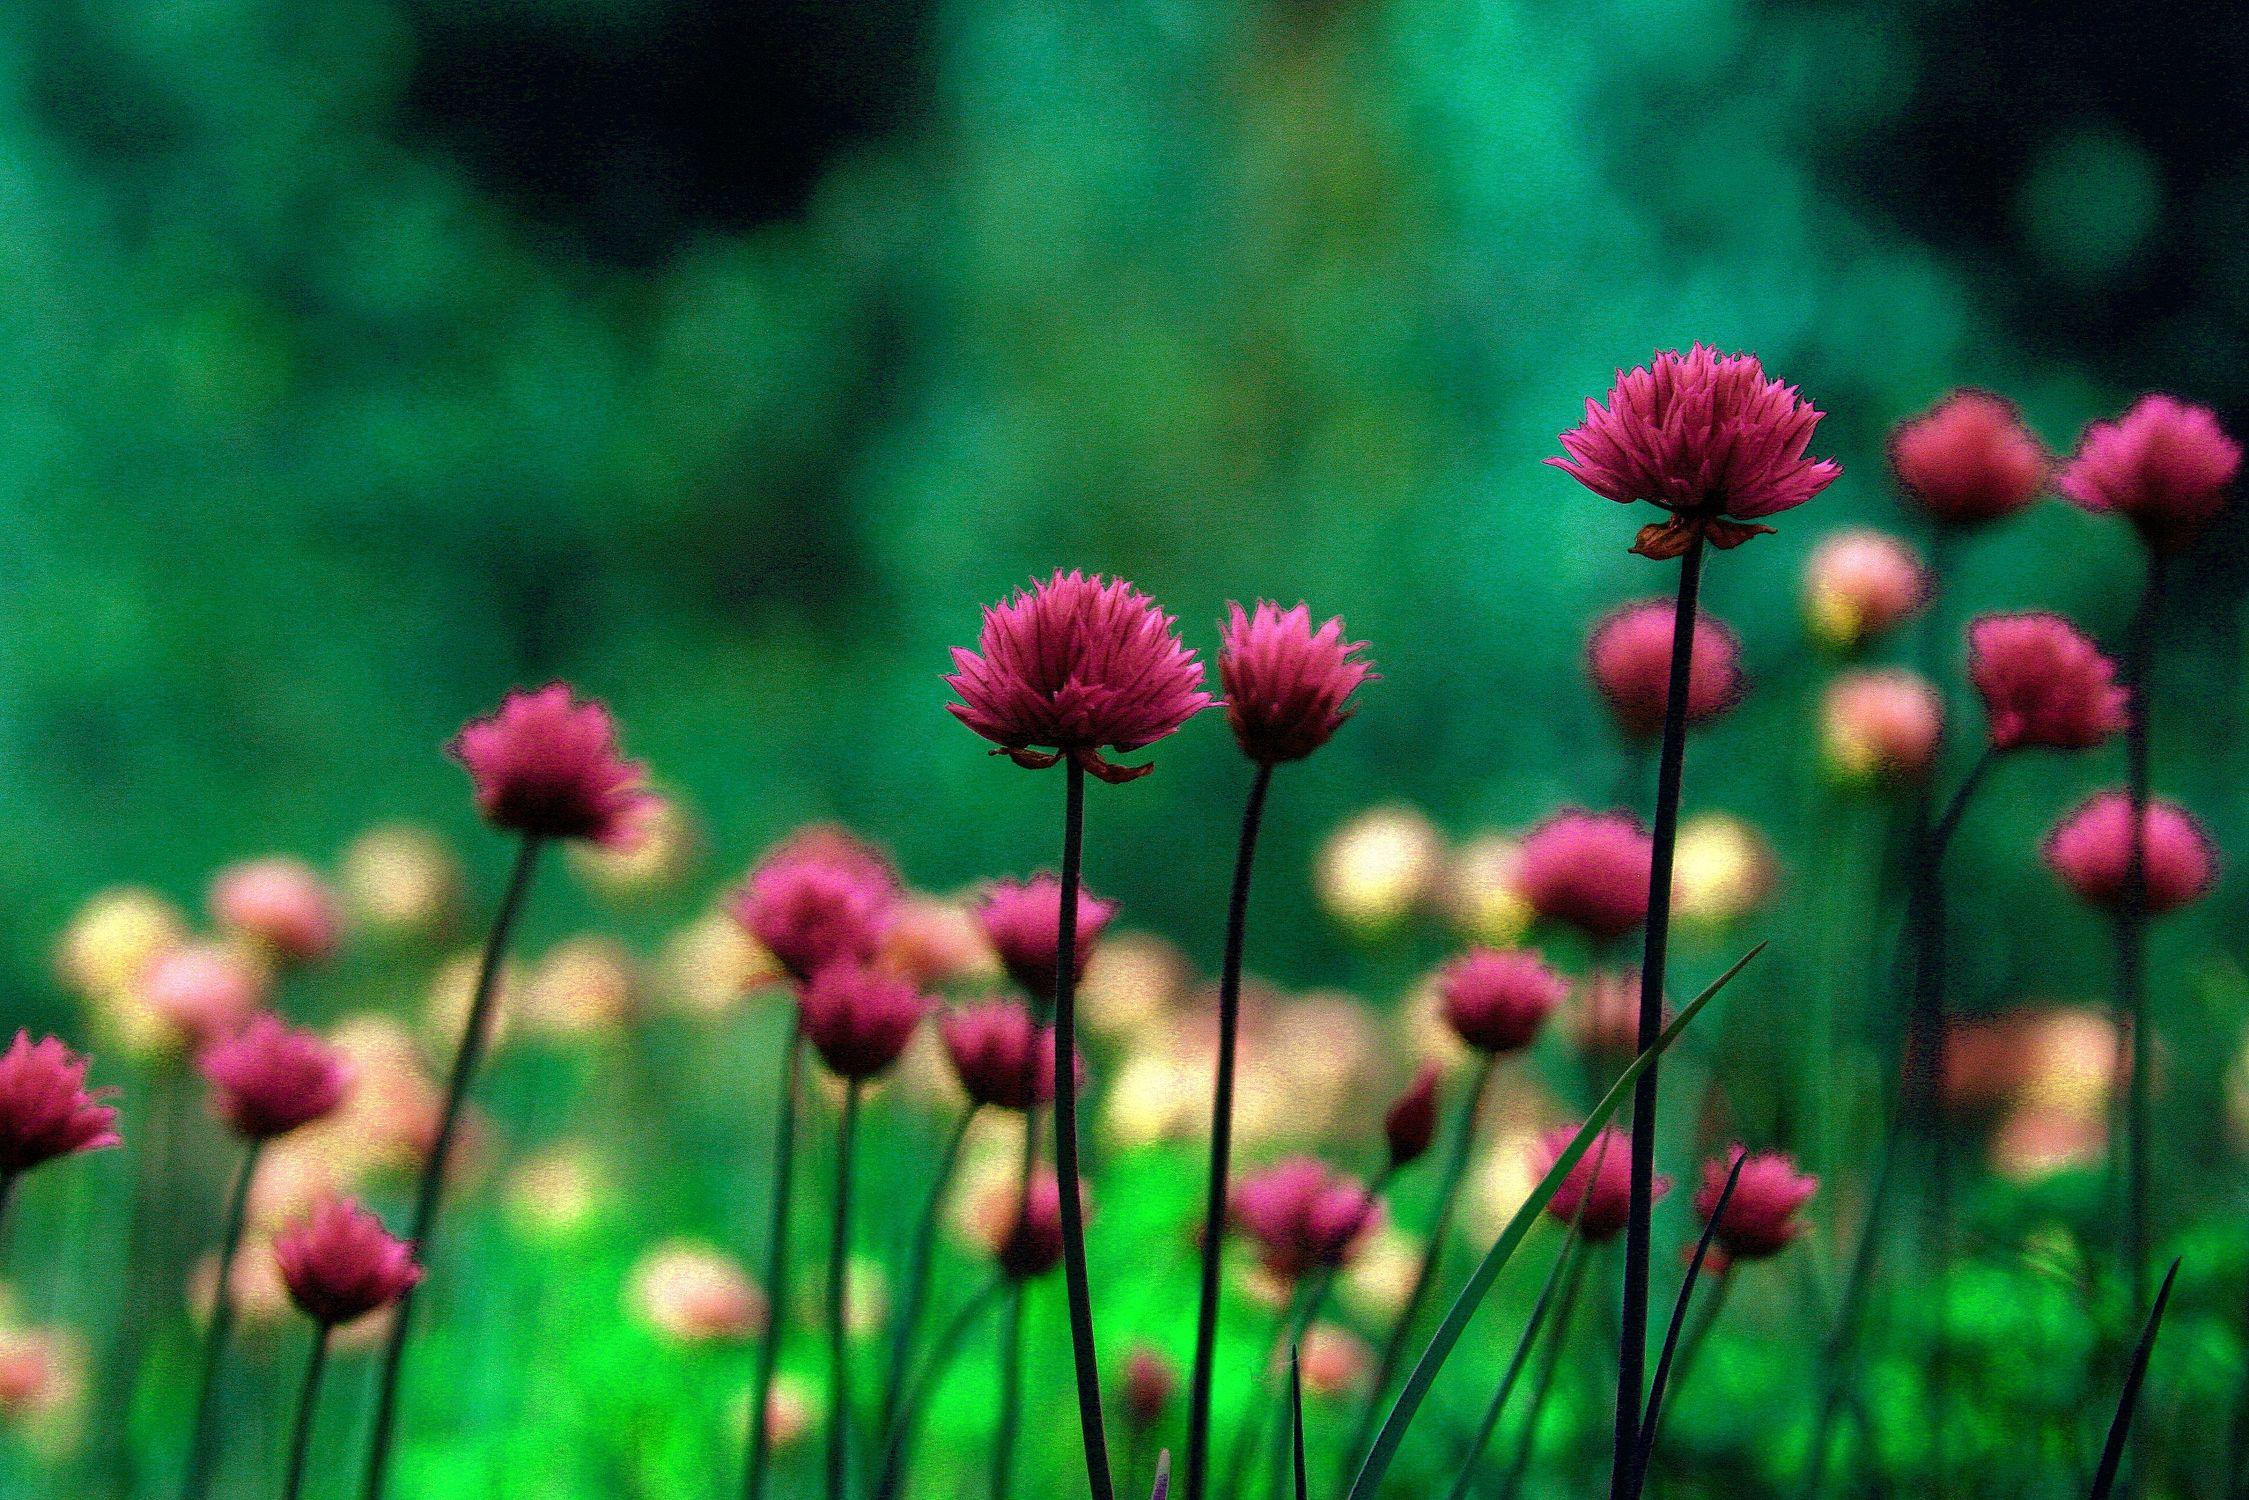 Bild mit Grün, Pflanzen, Blumen, Rosa, Violett, Kräuter, Nutzpflanzen, Blume, Pflanze, Plant, Food, Planten und Blomen, Landscape & Nature, garten, Schnittlauch, garden, health, allium